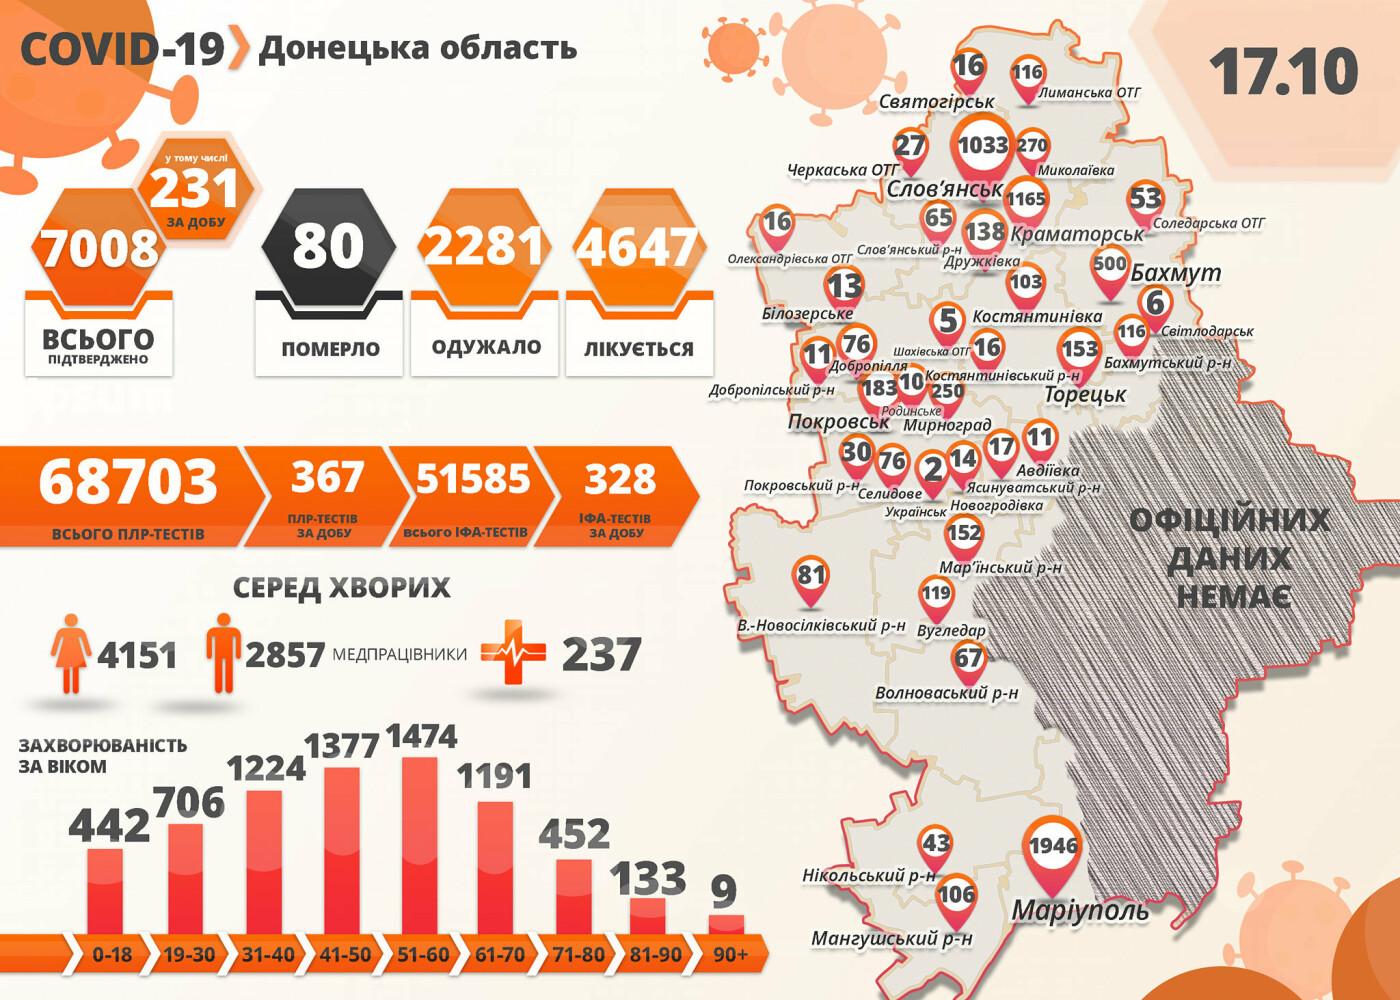 В Донецкой области две смерти от коронавируса и 231 новый случай, фото-1